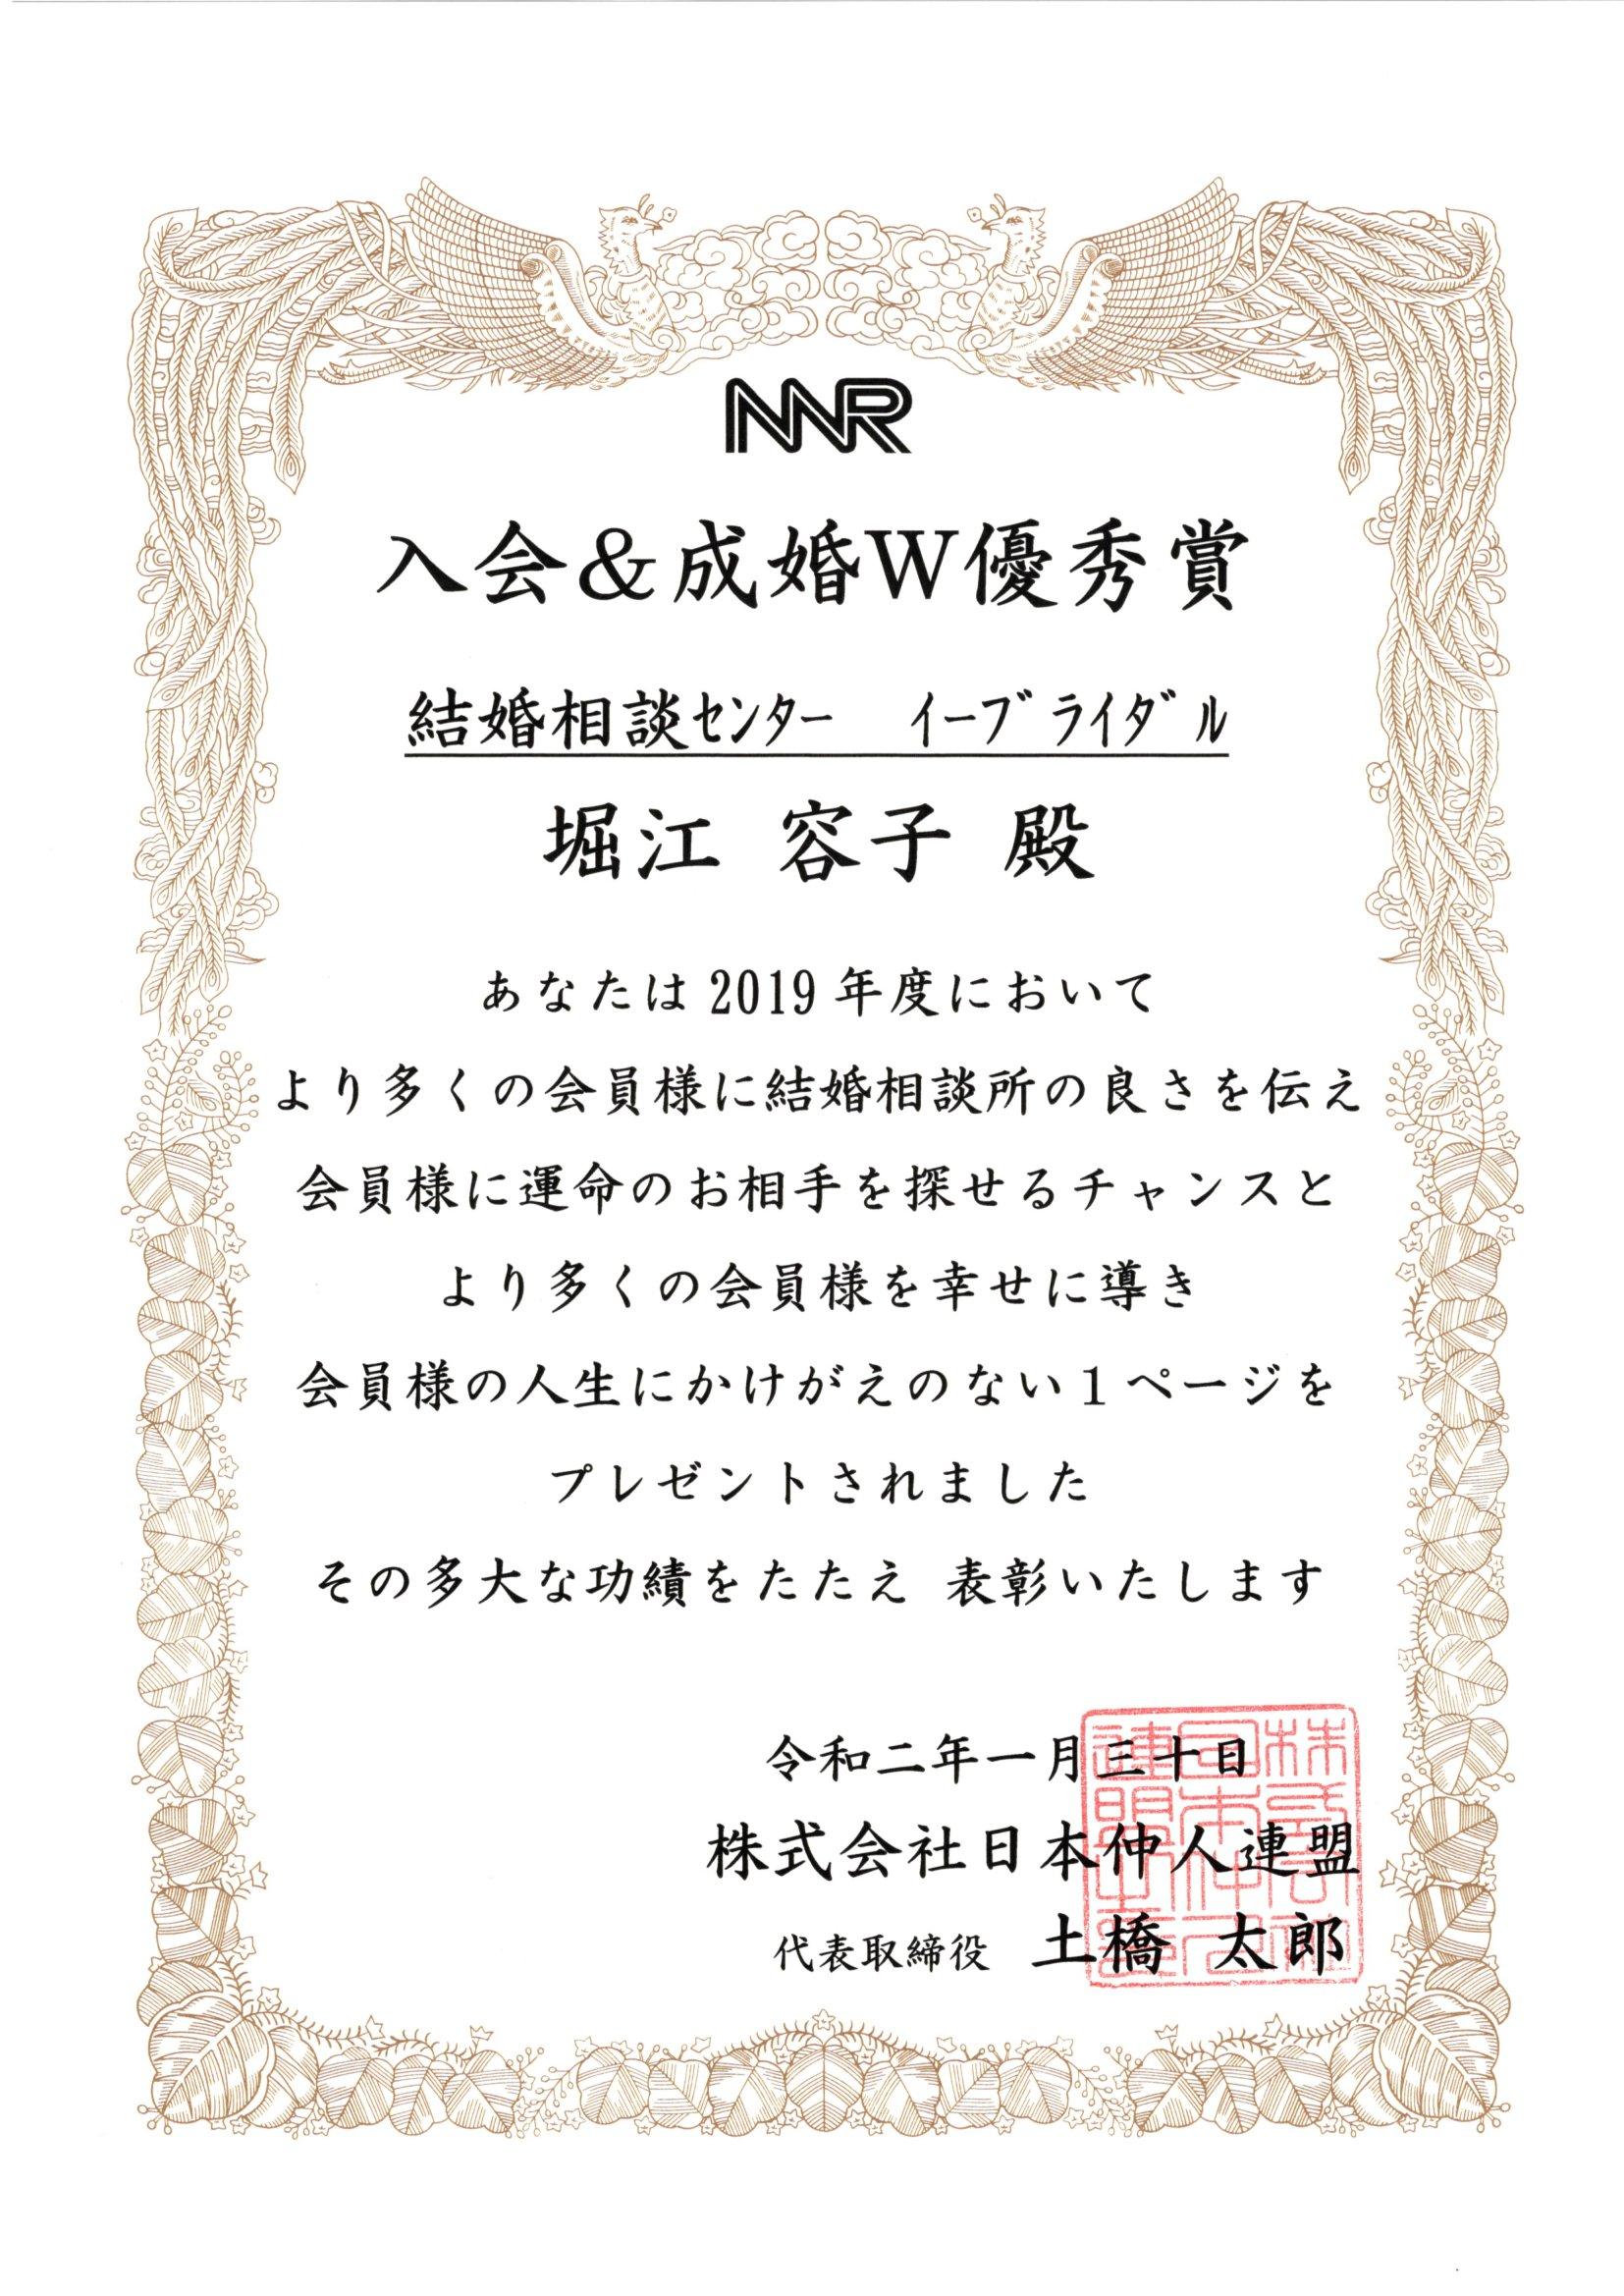 2019年度NNR成婚優秀賞